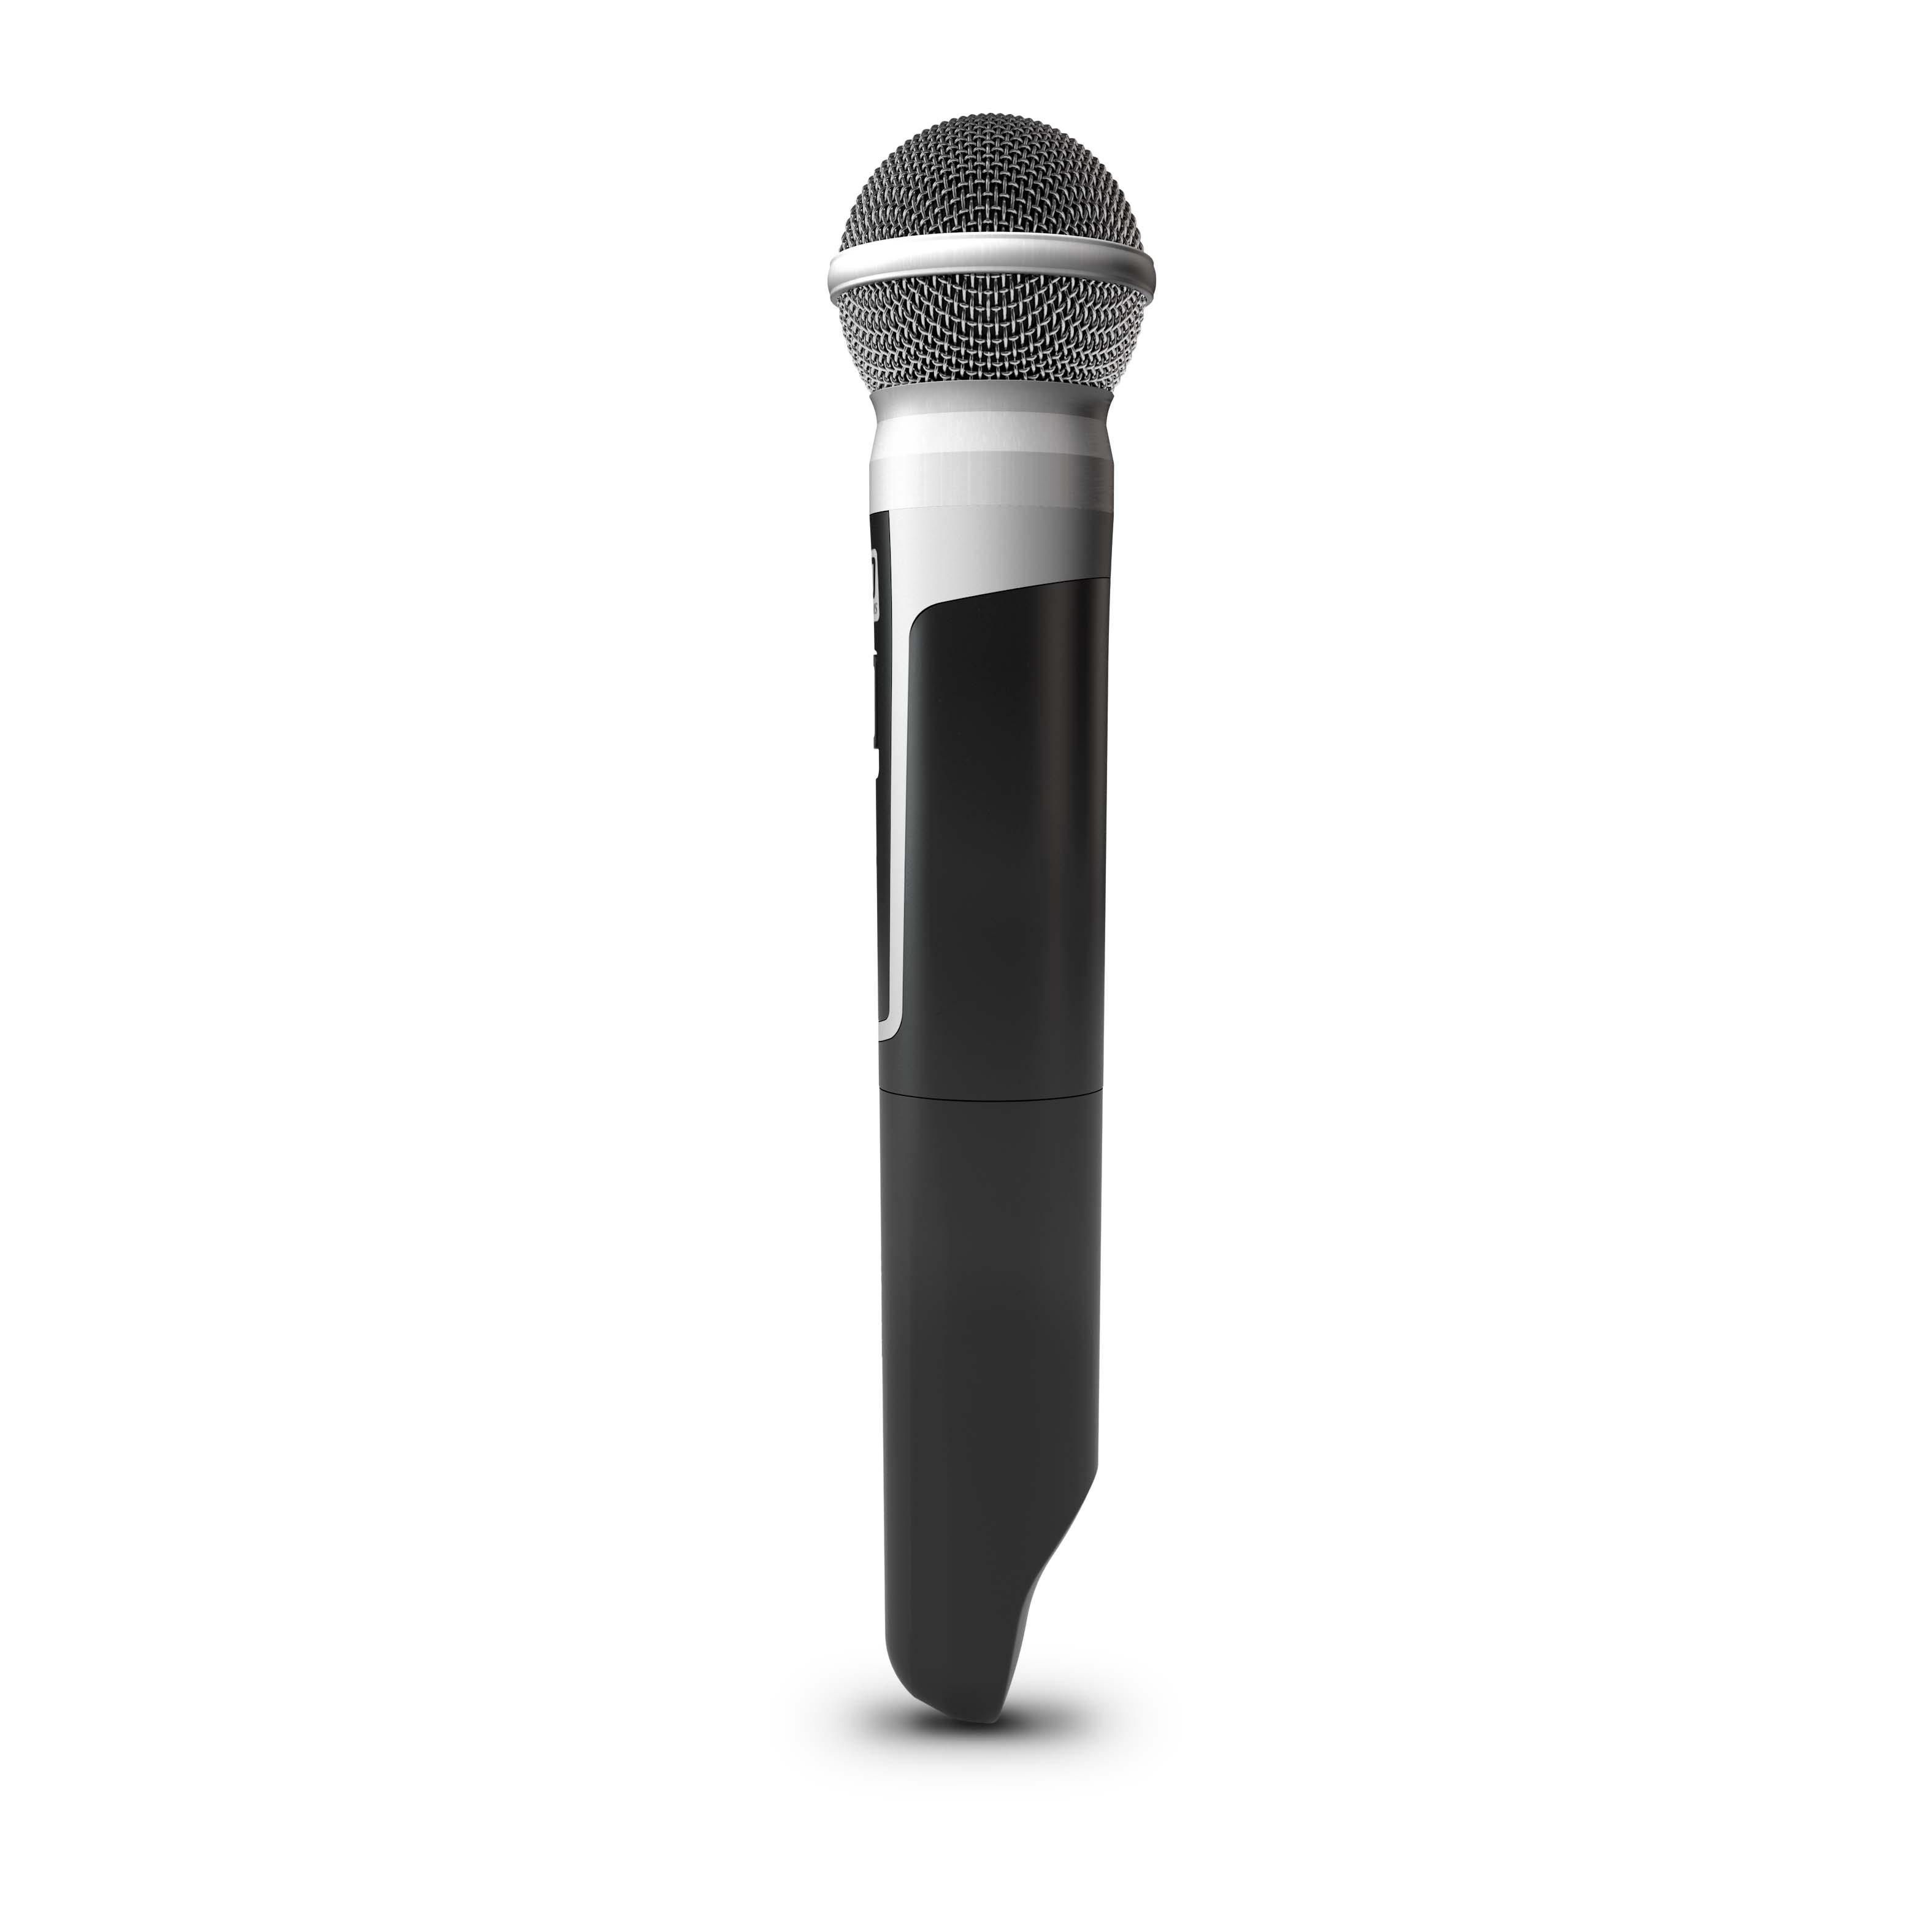 U305 MD Dynamic handheld microphone